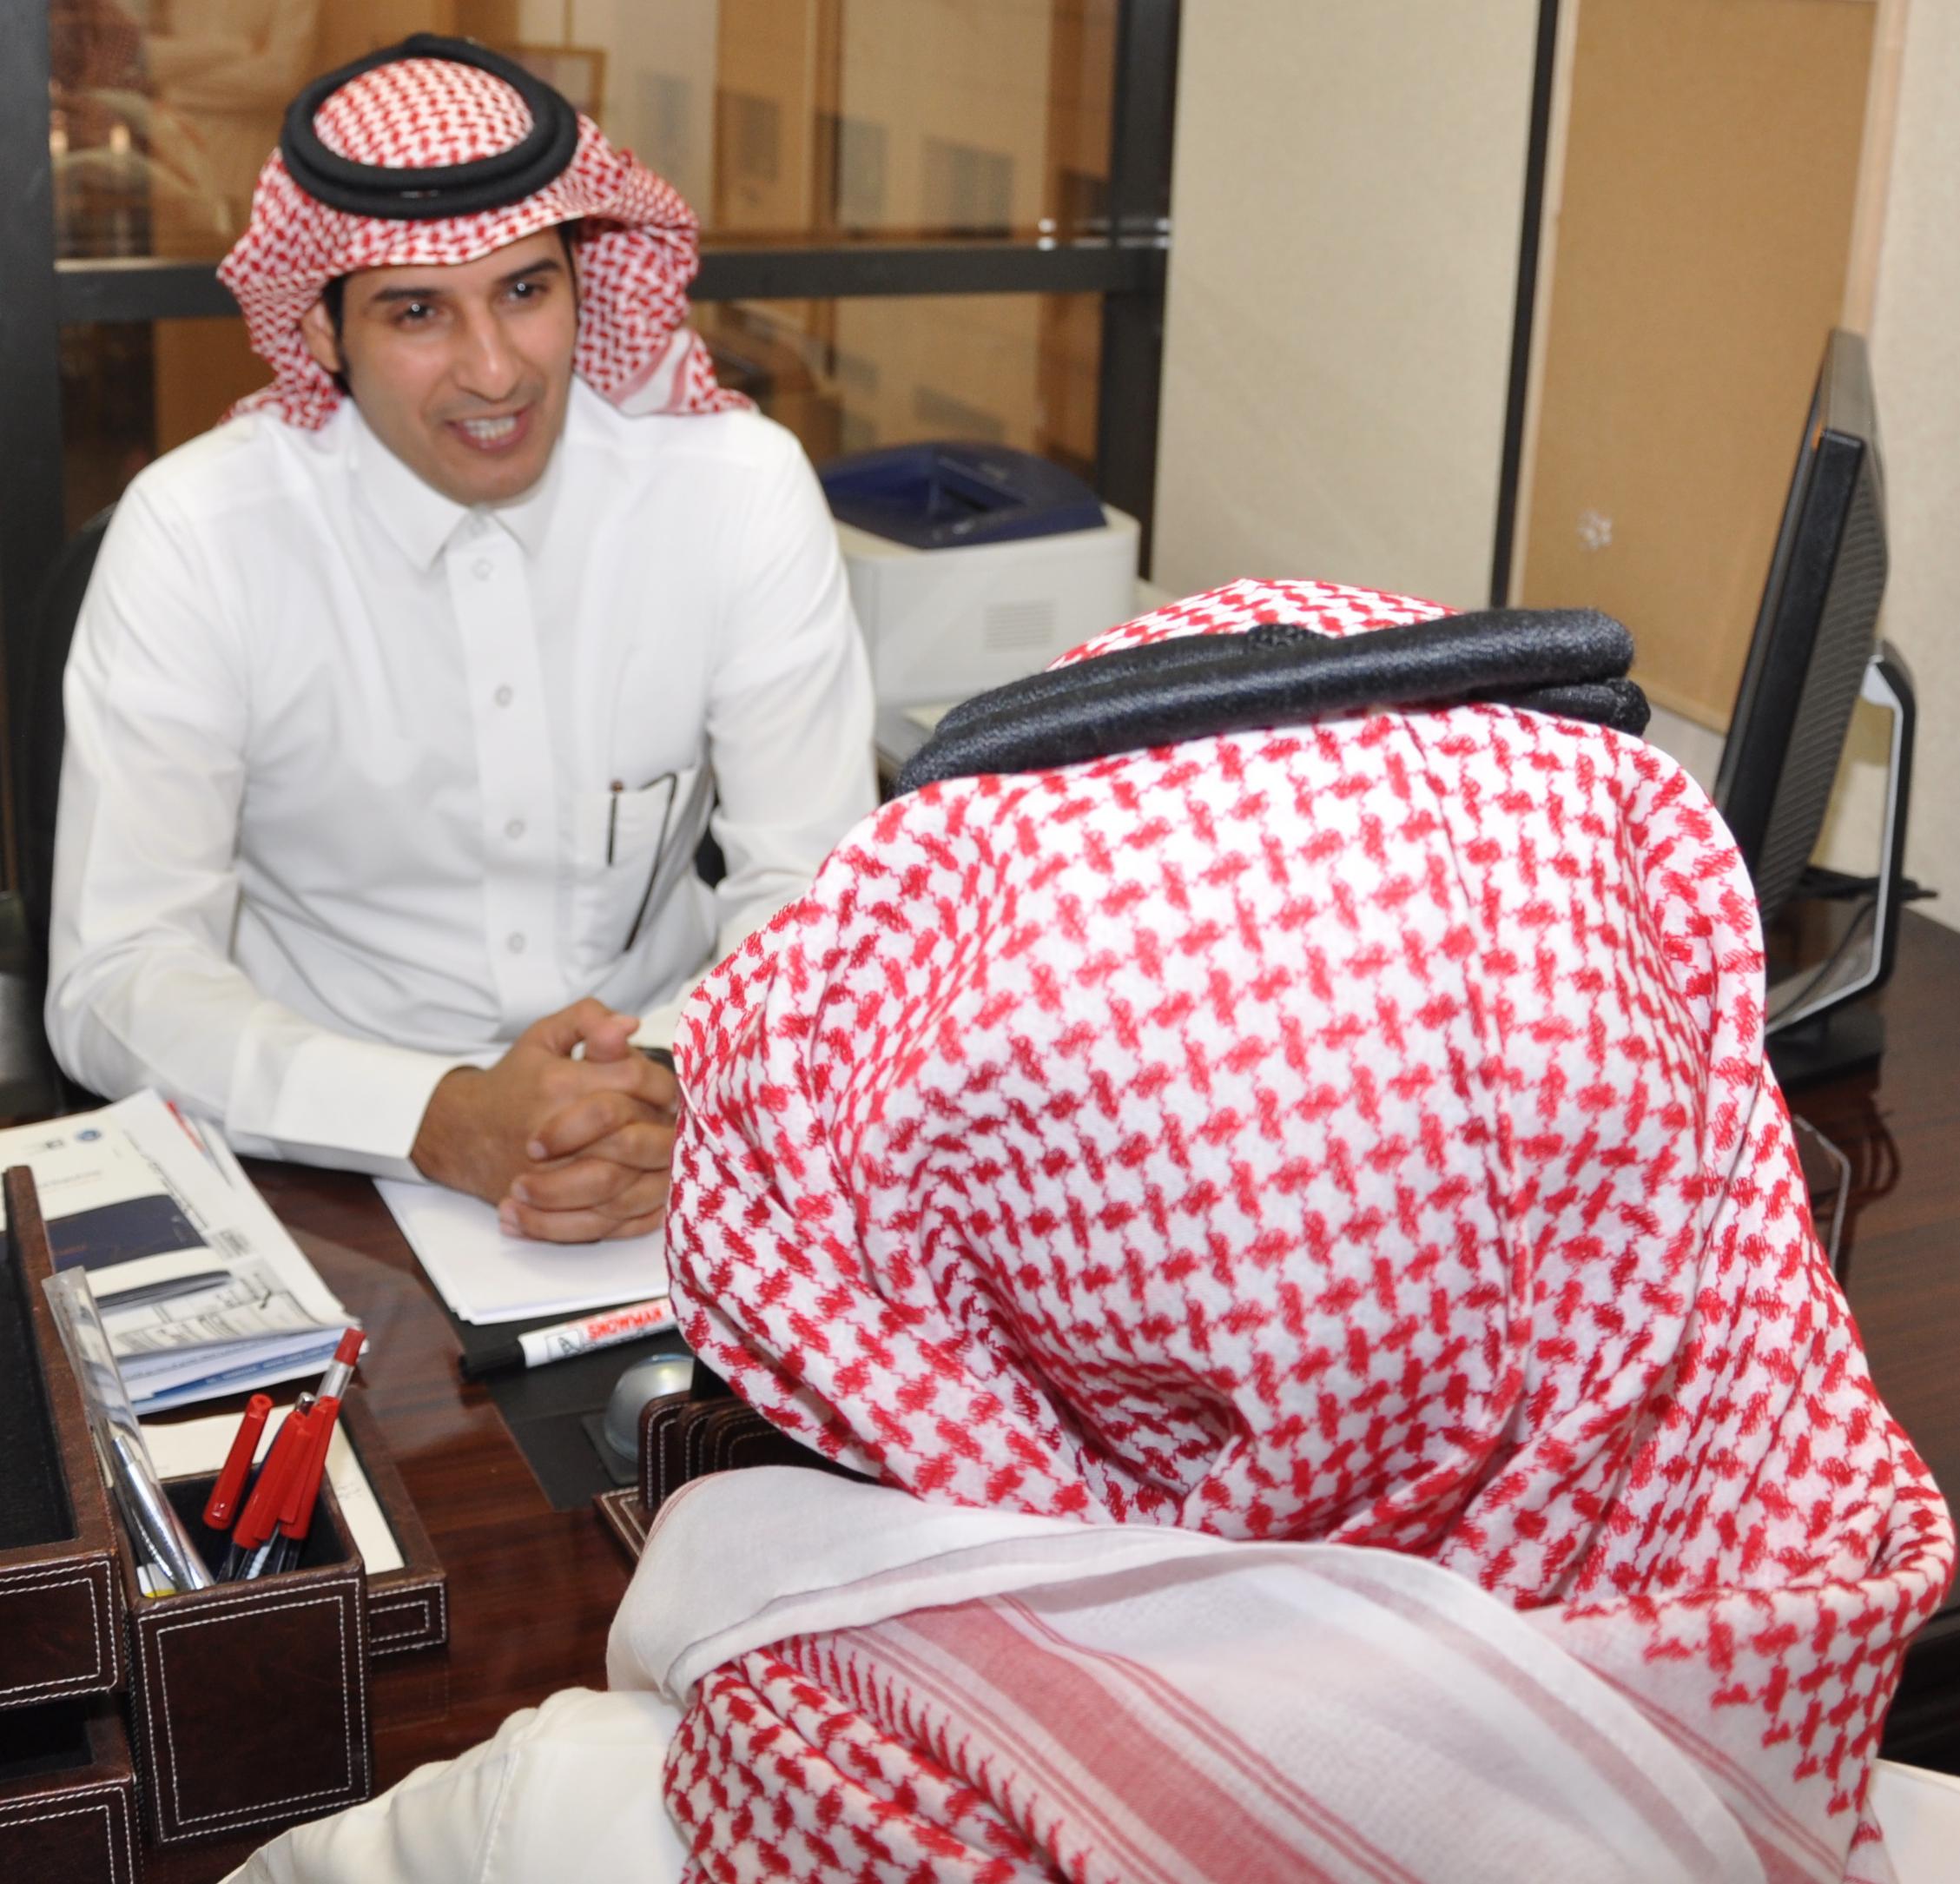 مركز التوجيه والإرشاد الطلابي بالجامعة يقدم خدماته عبر الهاتف الارشادي